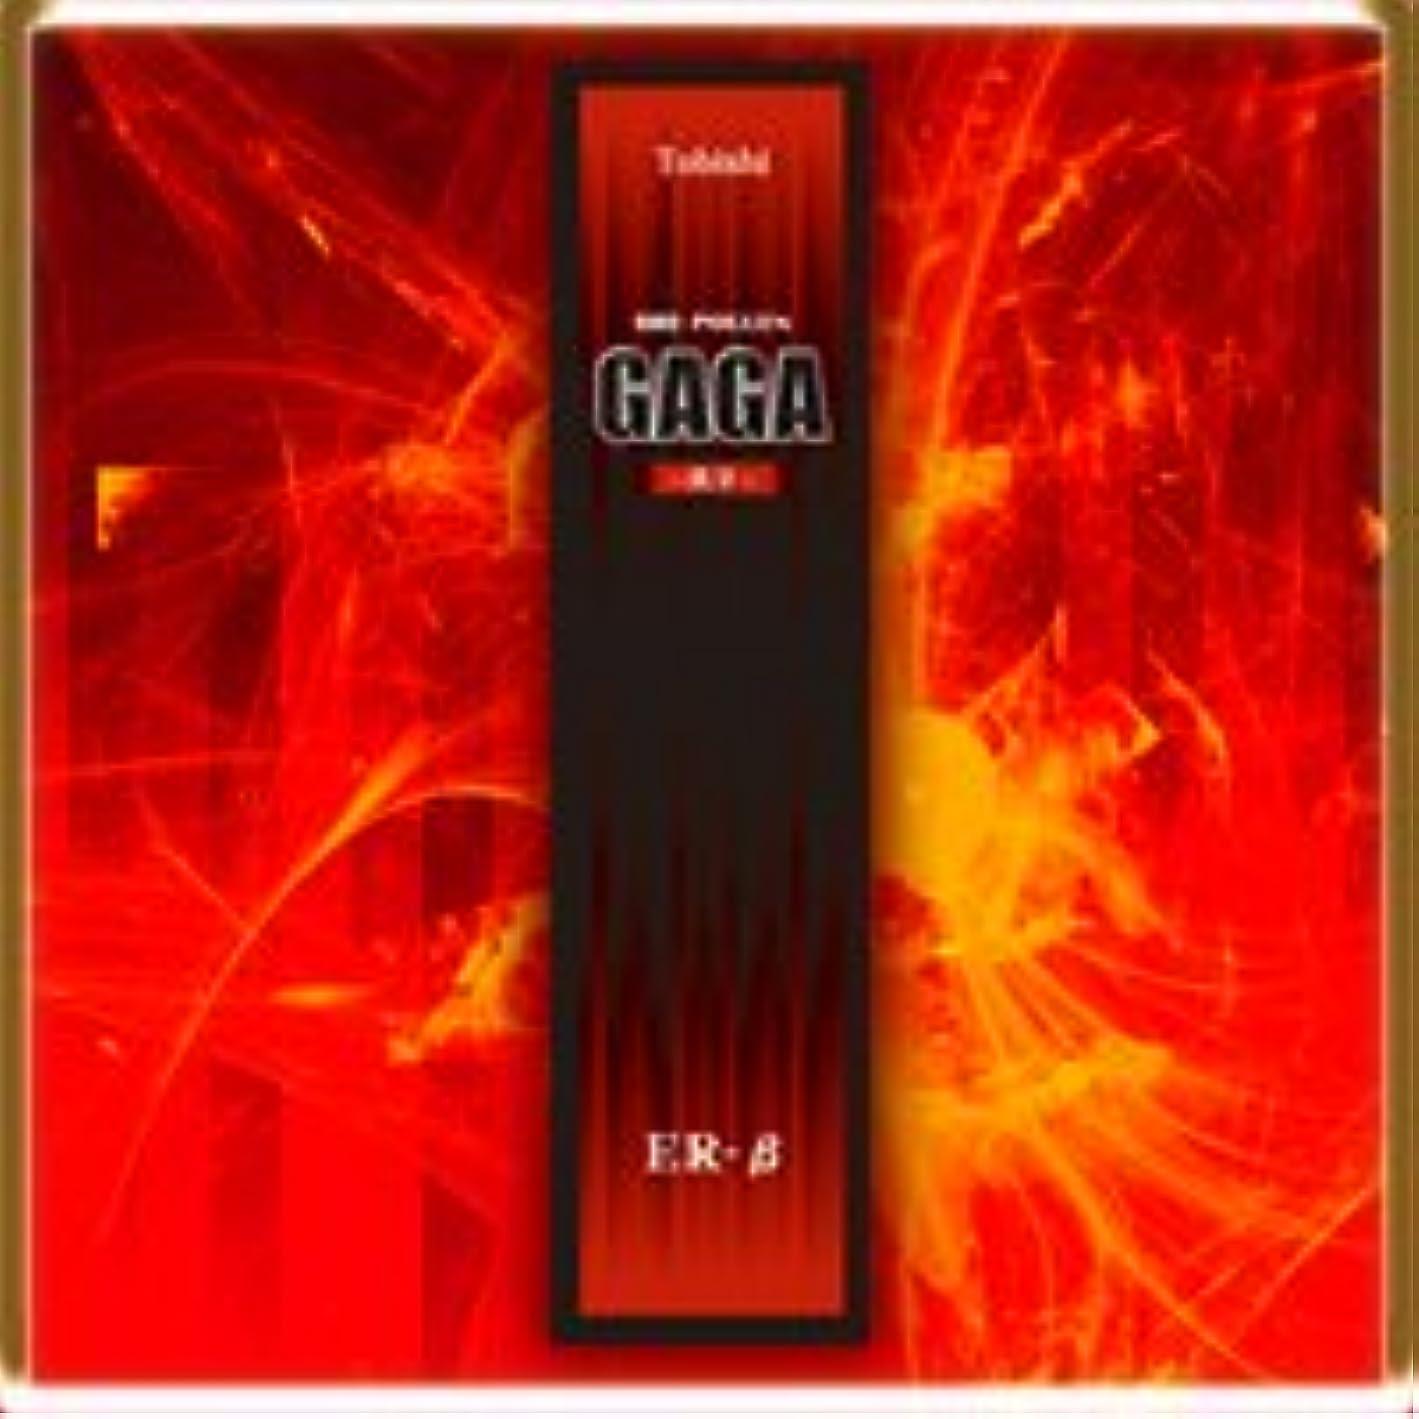 スペシャリスト規制するブラインドバイオポーレン我牙(GAGA)100ml2個セット【超感動的美髪成分を施した育毛剤!】